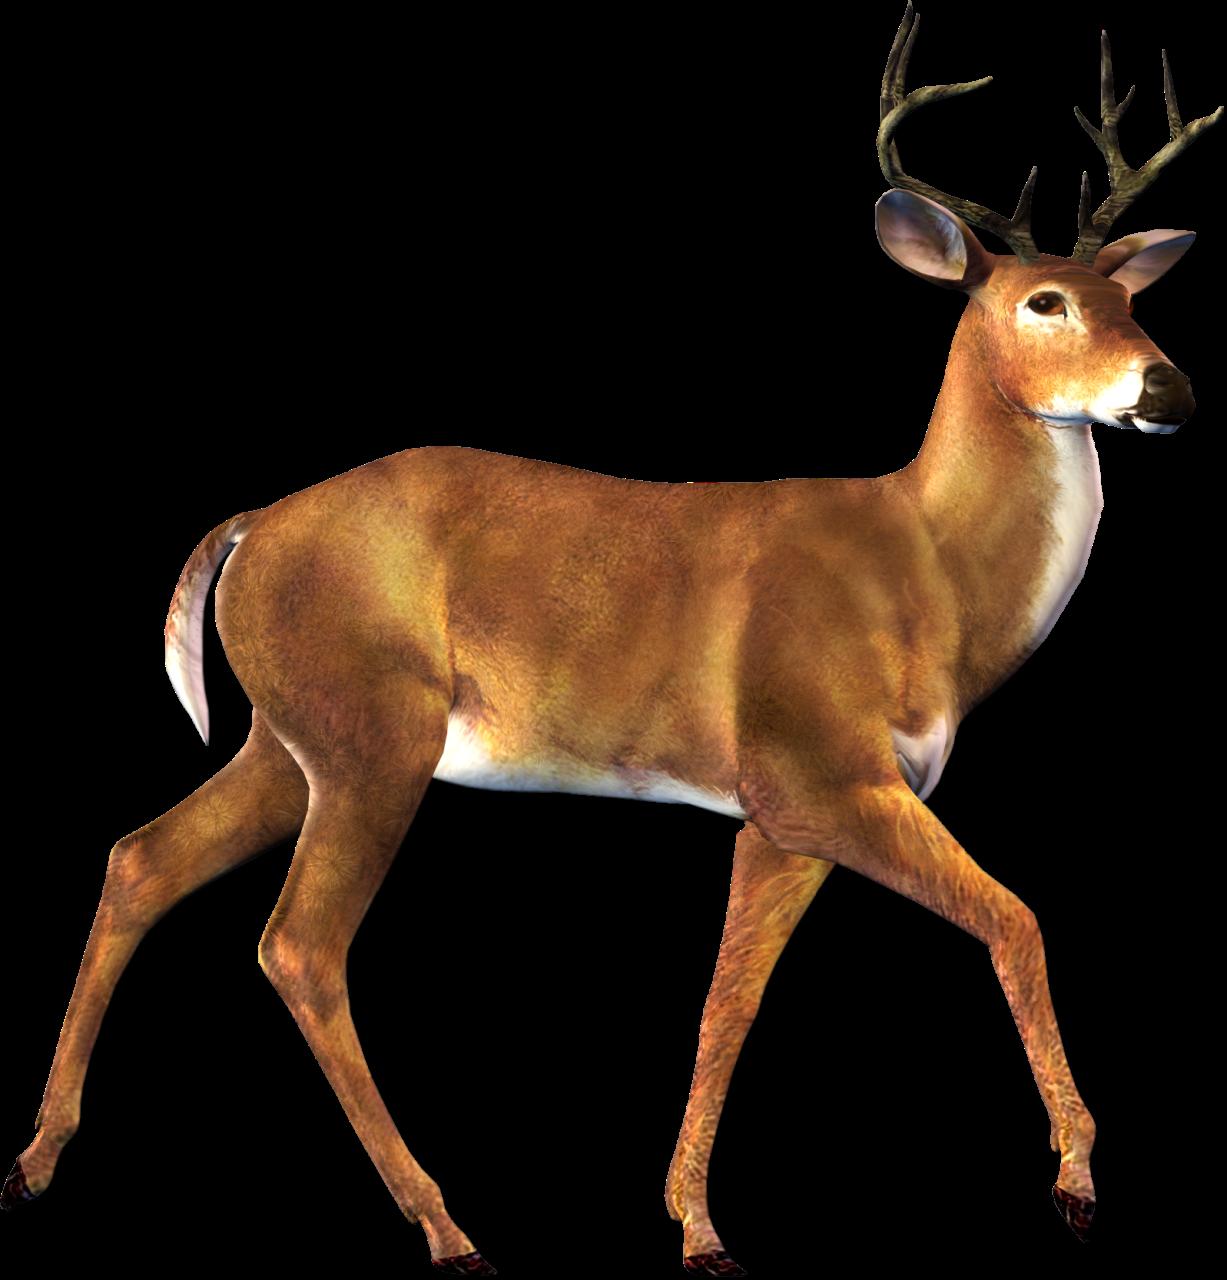 Deer Png image #32757 - Deer PNG